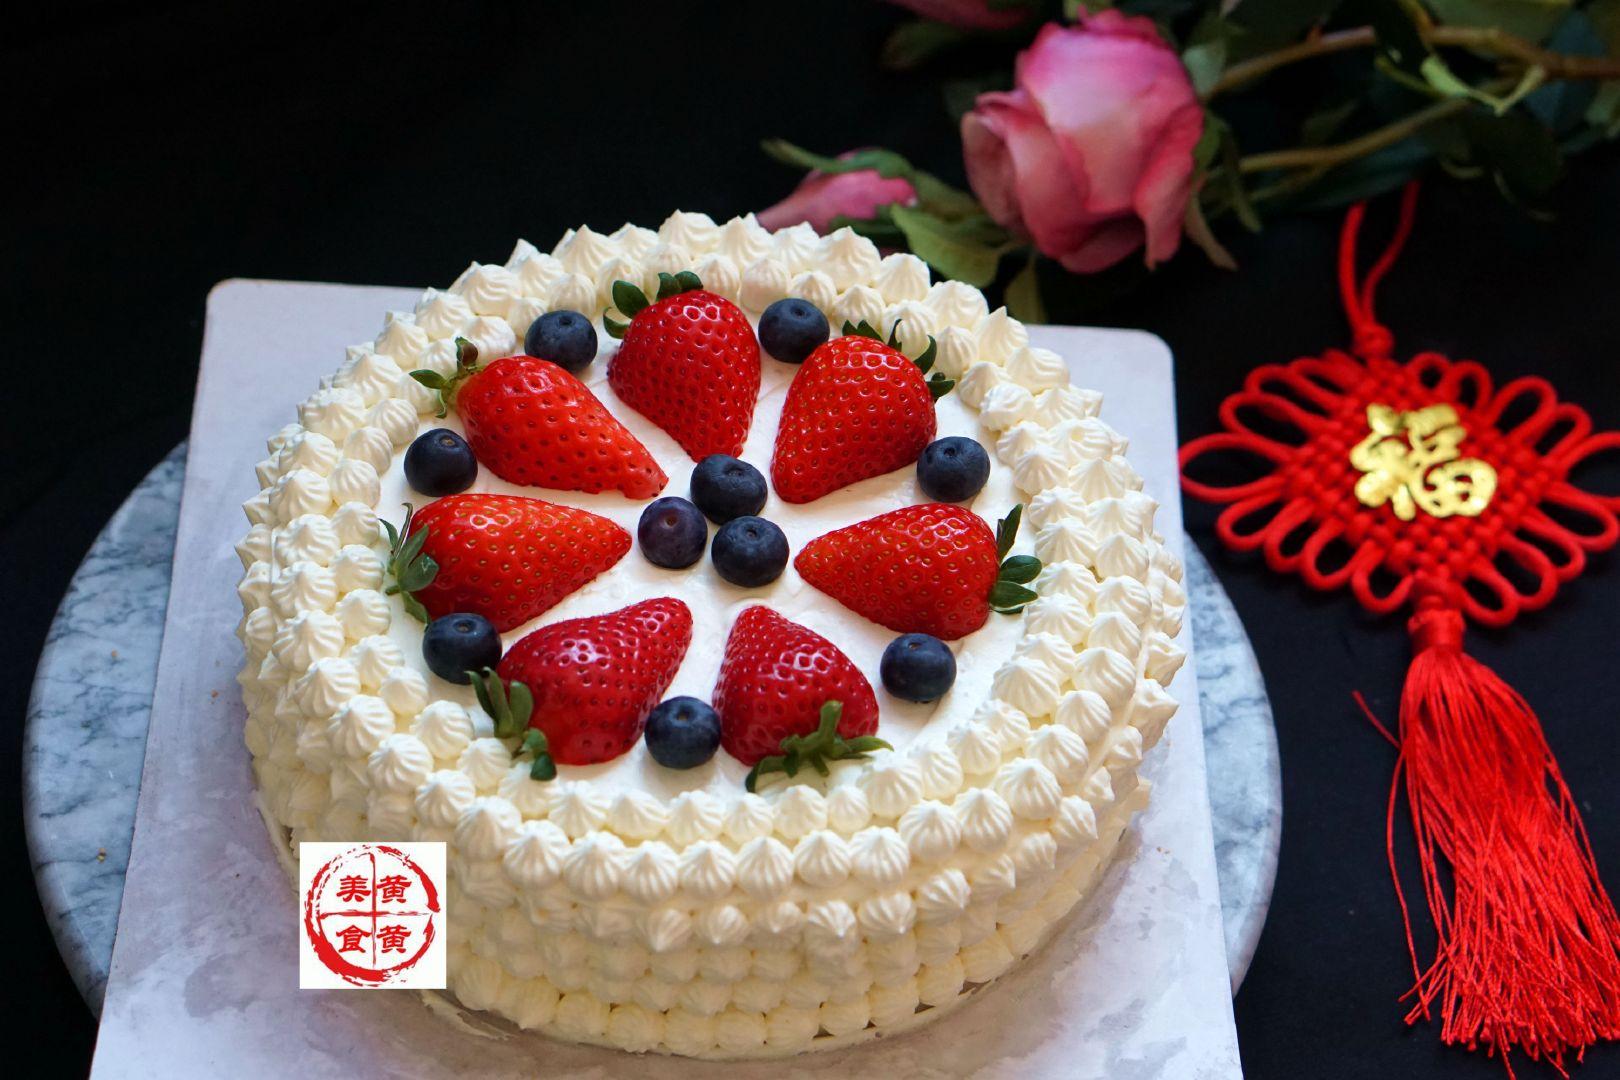 别再买生日蛋糕啦,自己做超简单,好看又好吃,手残党也能搞定